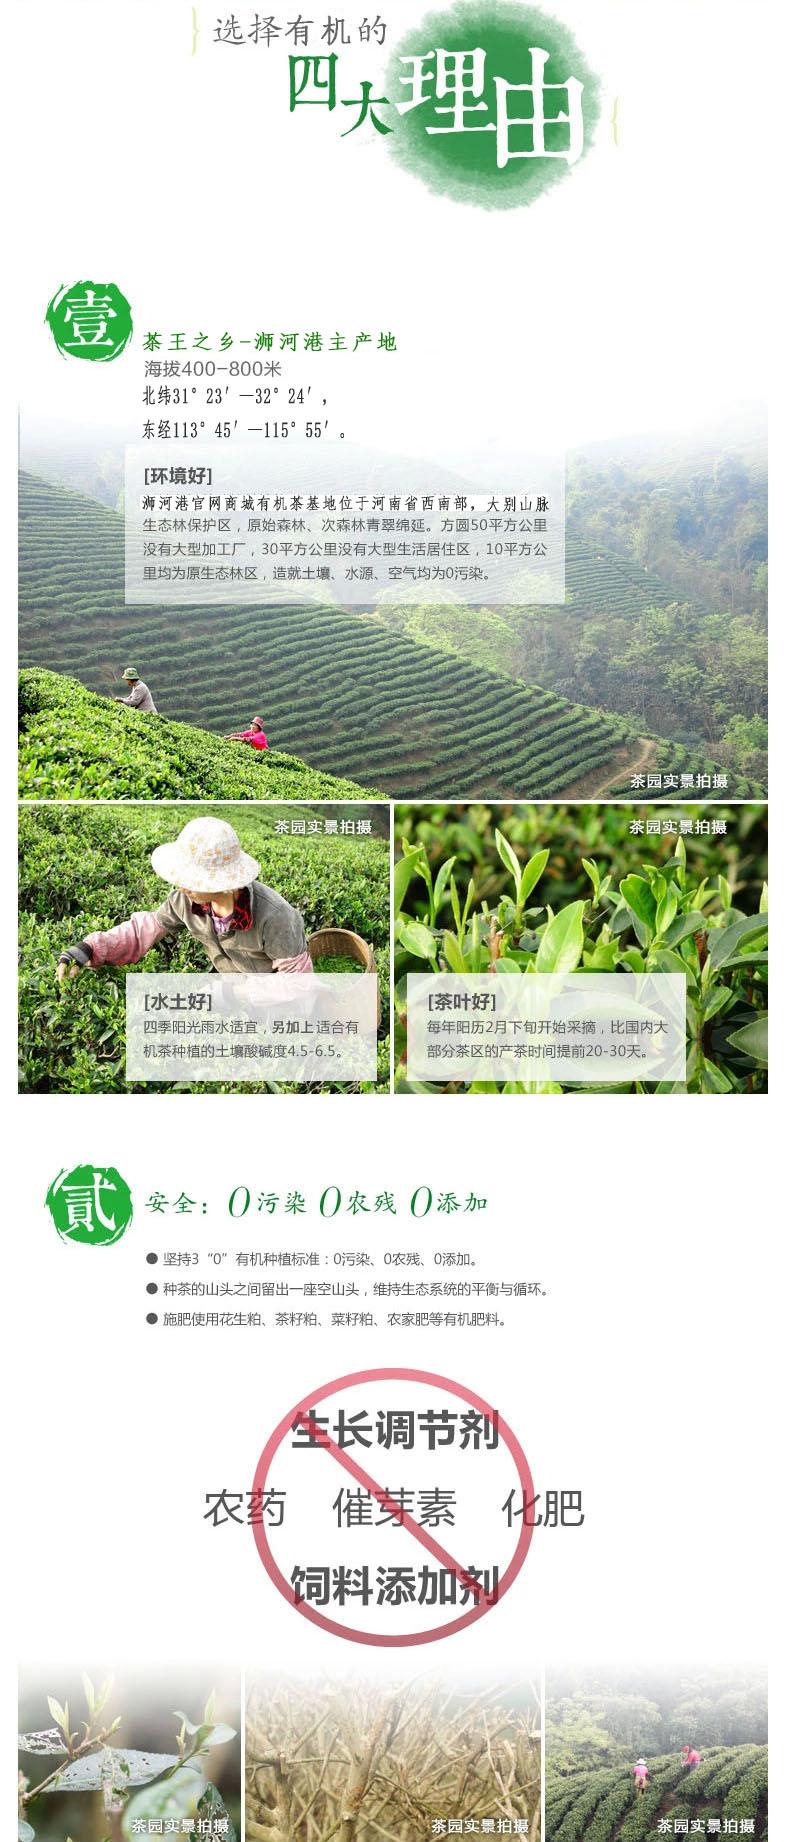 周开启茶业|信阳毛尖2019新茶 春尾二级500g散装 浉河港大山茶有机绿茶